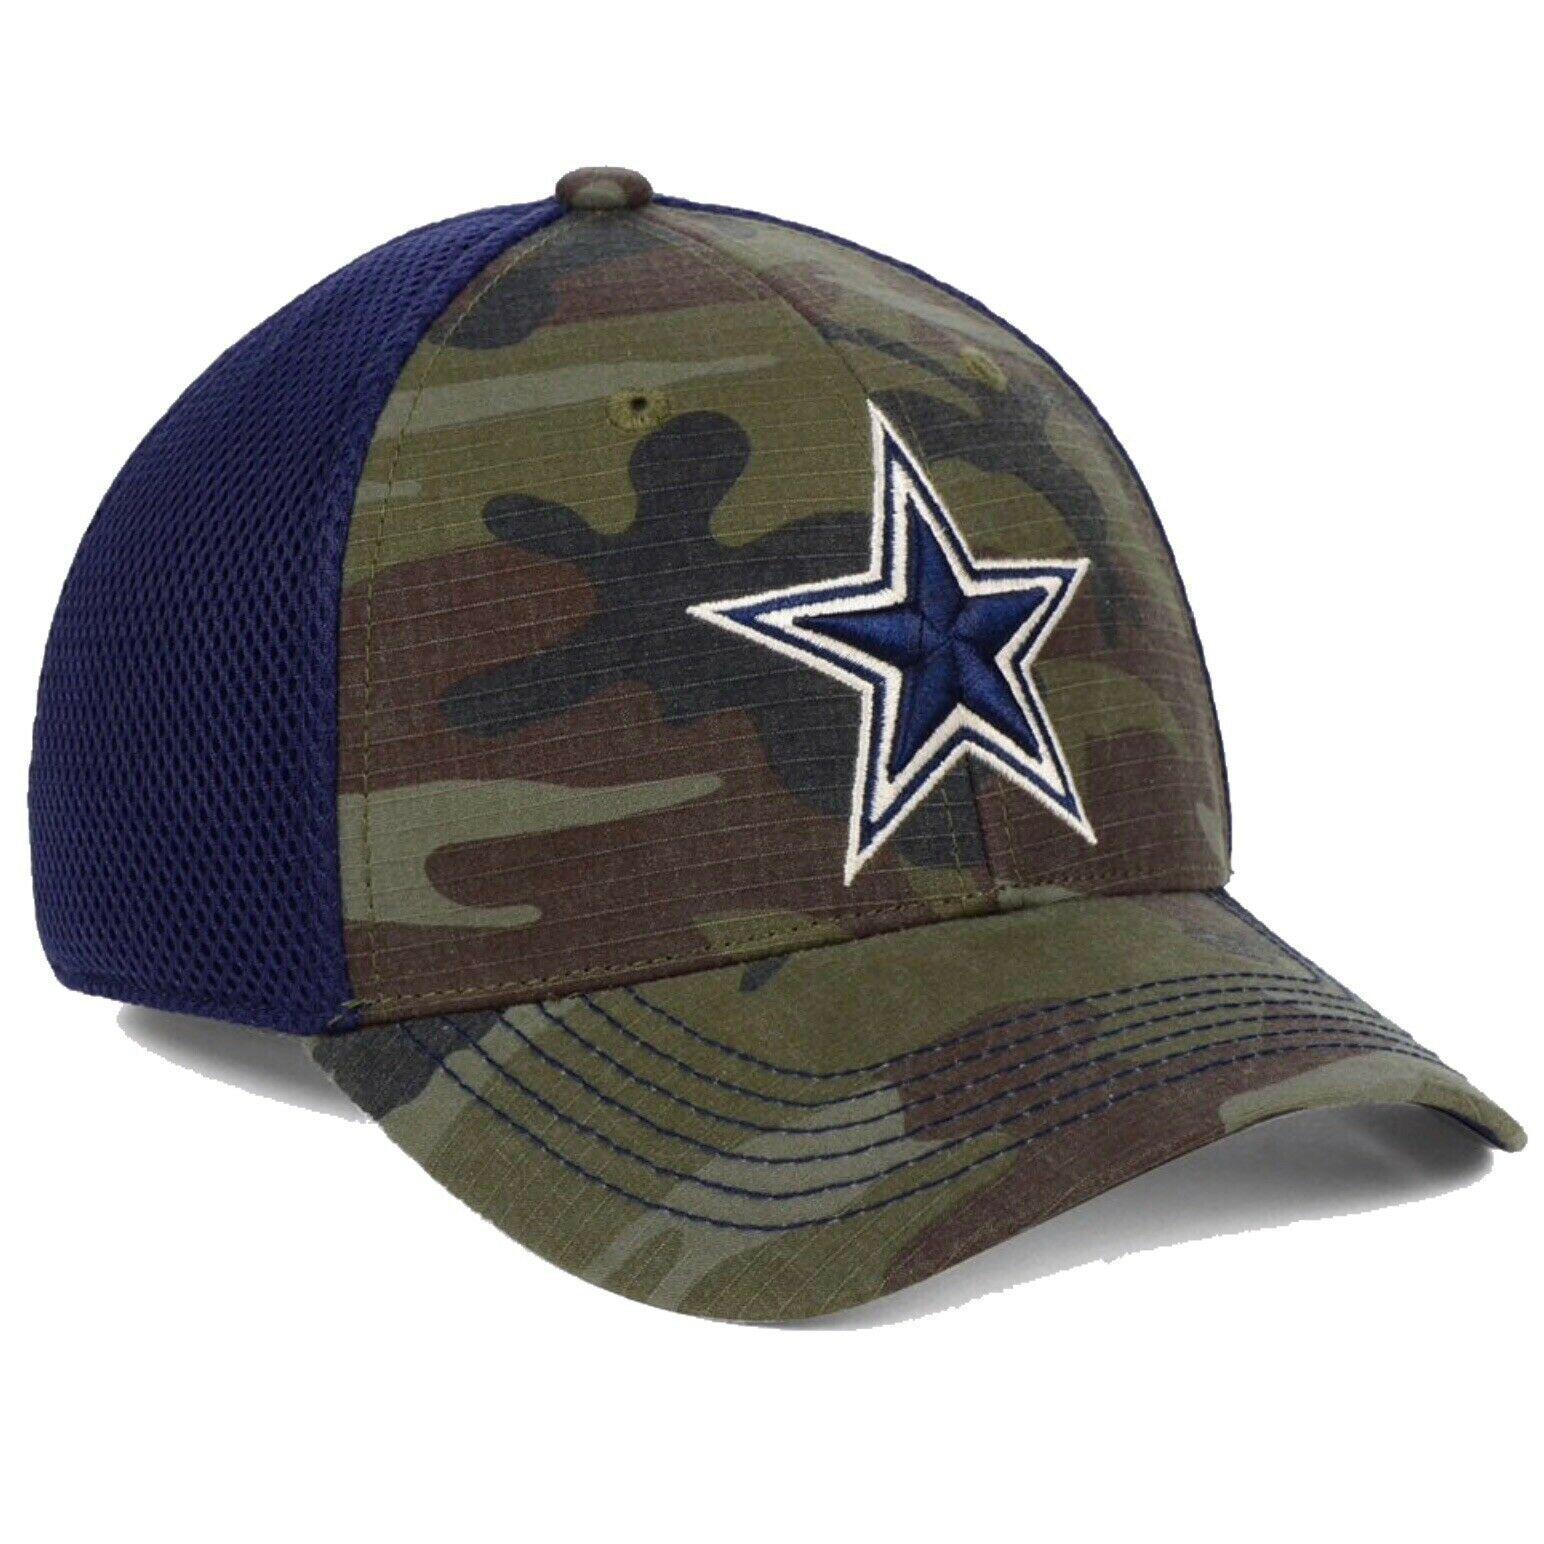 Dallas Cowboys NFL DCM Grunt Camouflage S/M Flexfit Fitted Cap Hat $30